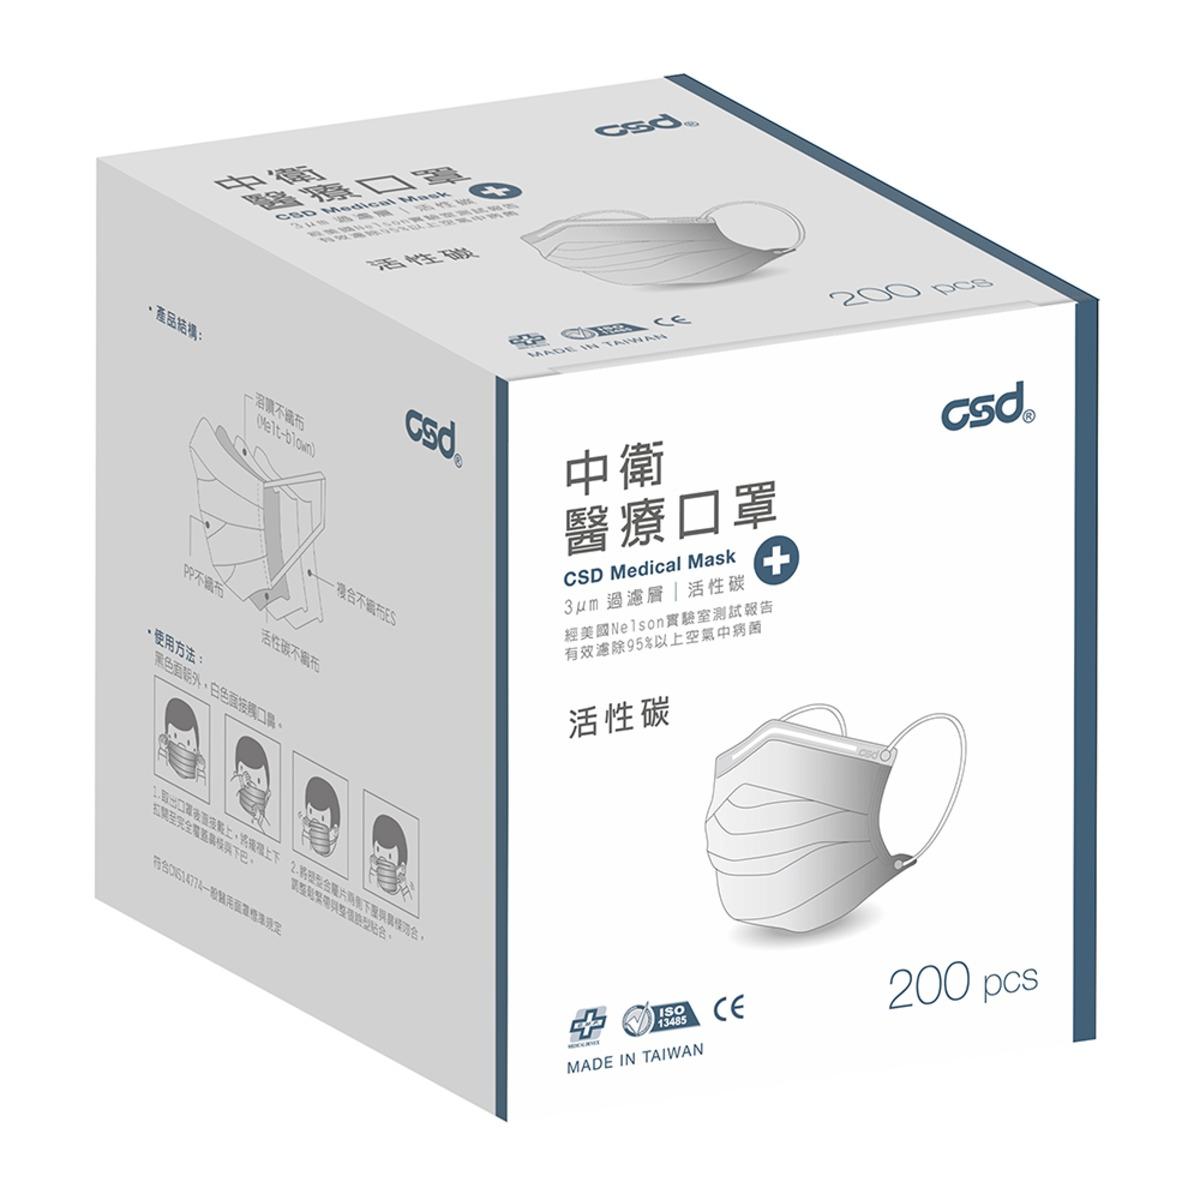 CSD 中衛醫療口罩 (未滅菌) 200 入